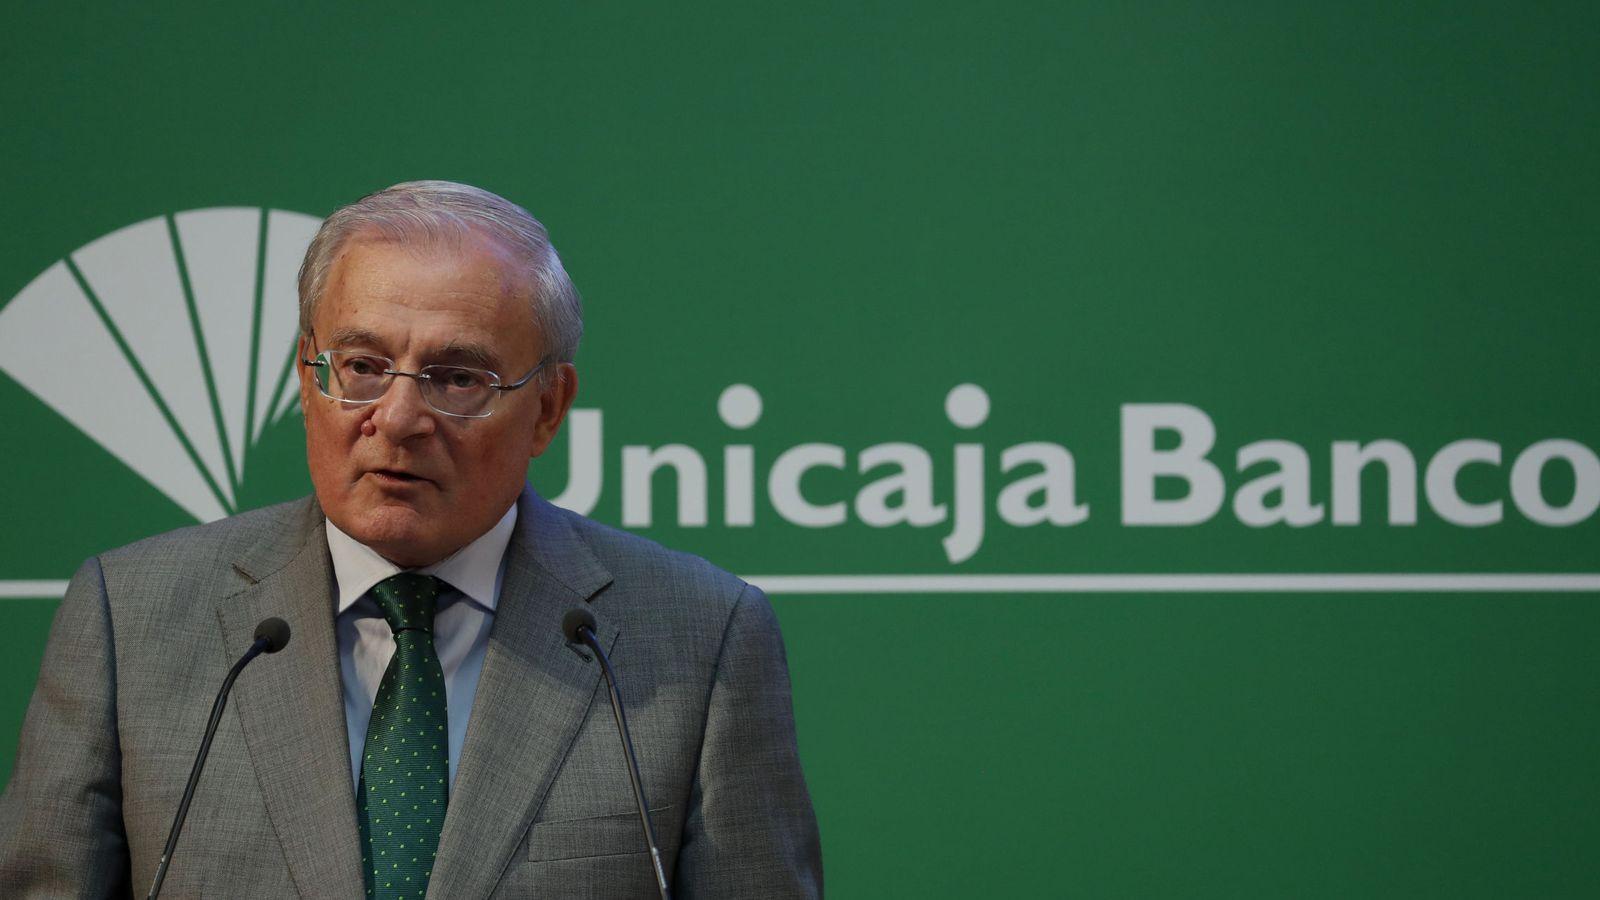 Foto: Manuel Azuaga, presidente de Unicaja Banco (Efe)